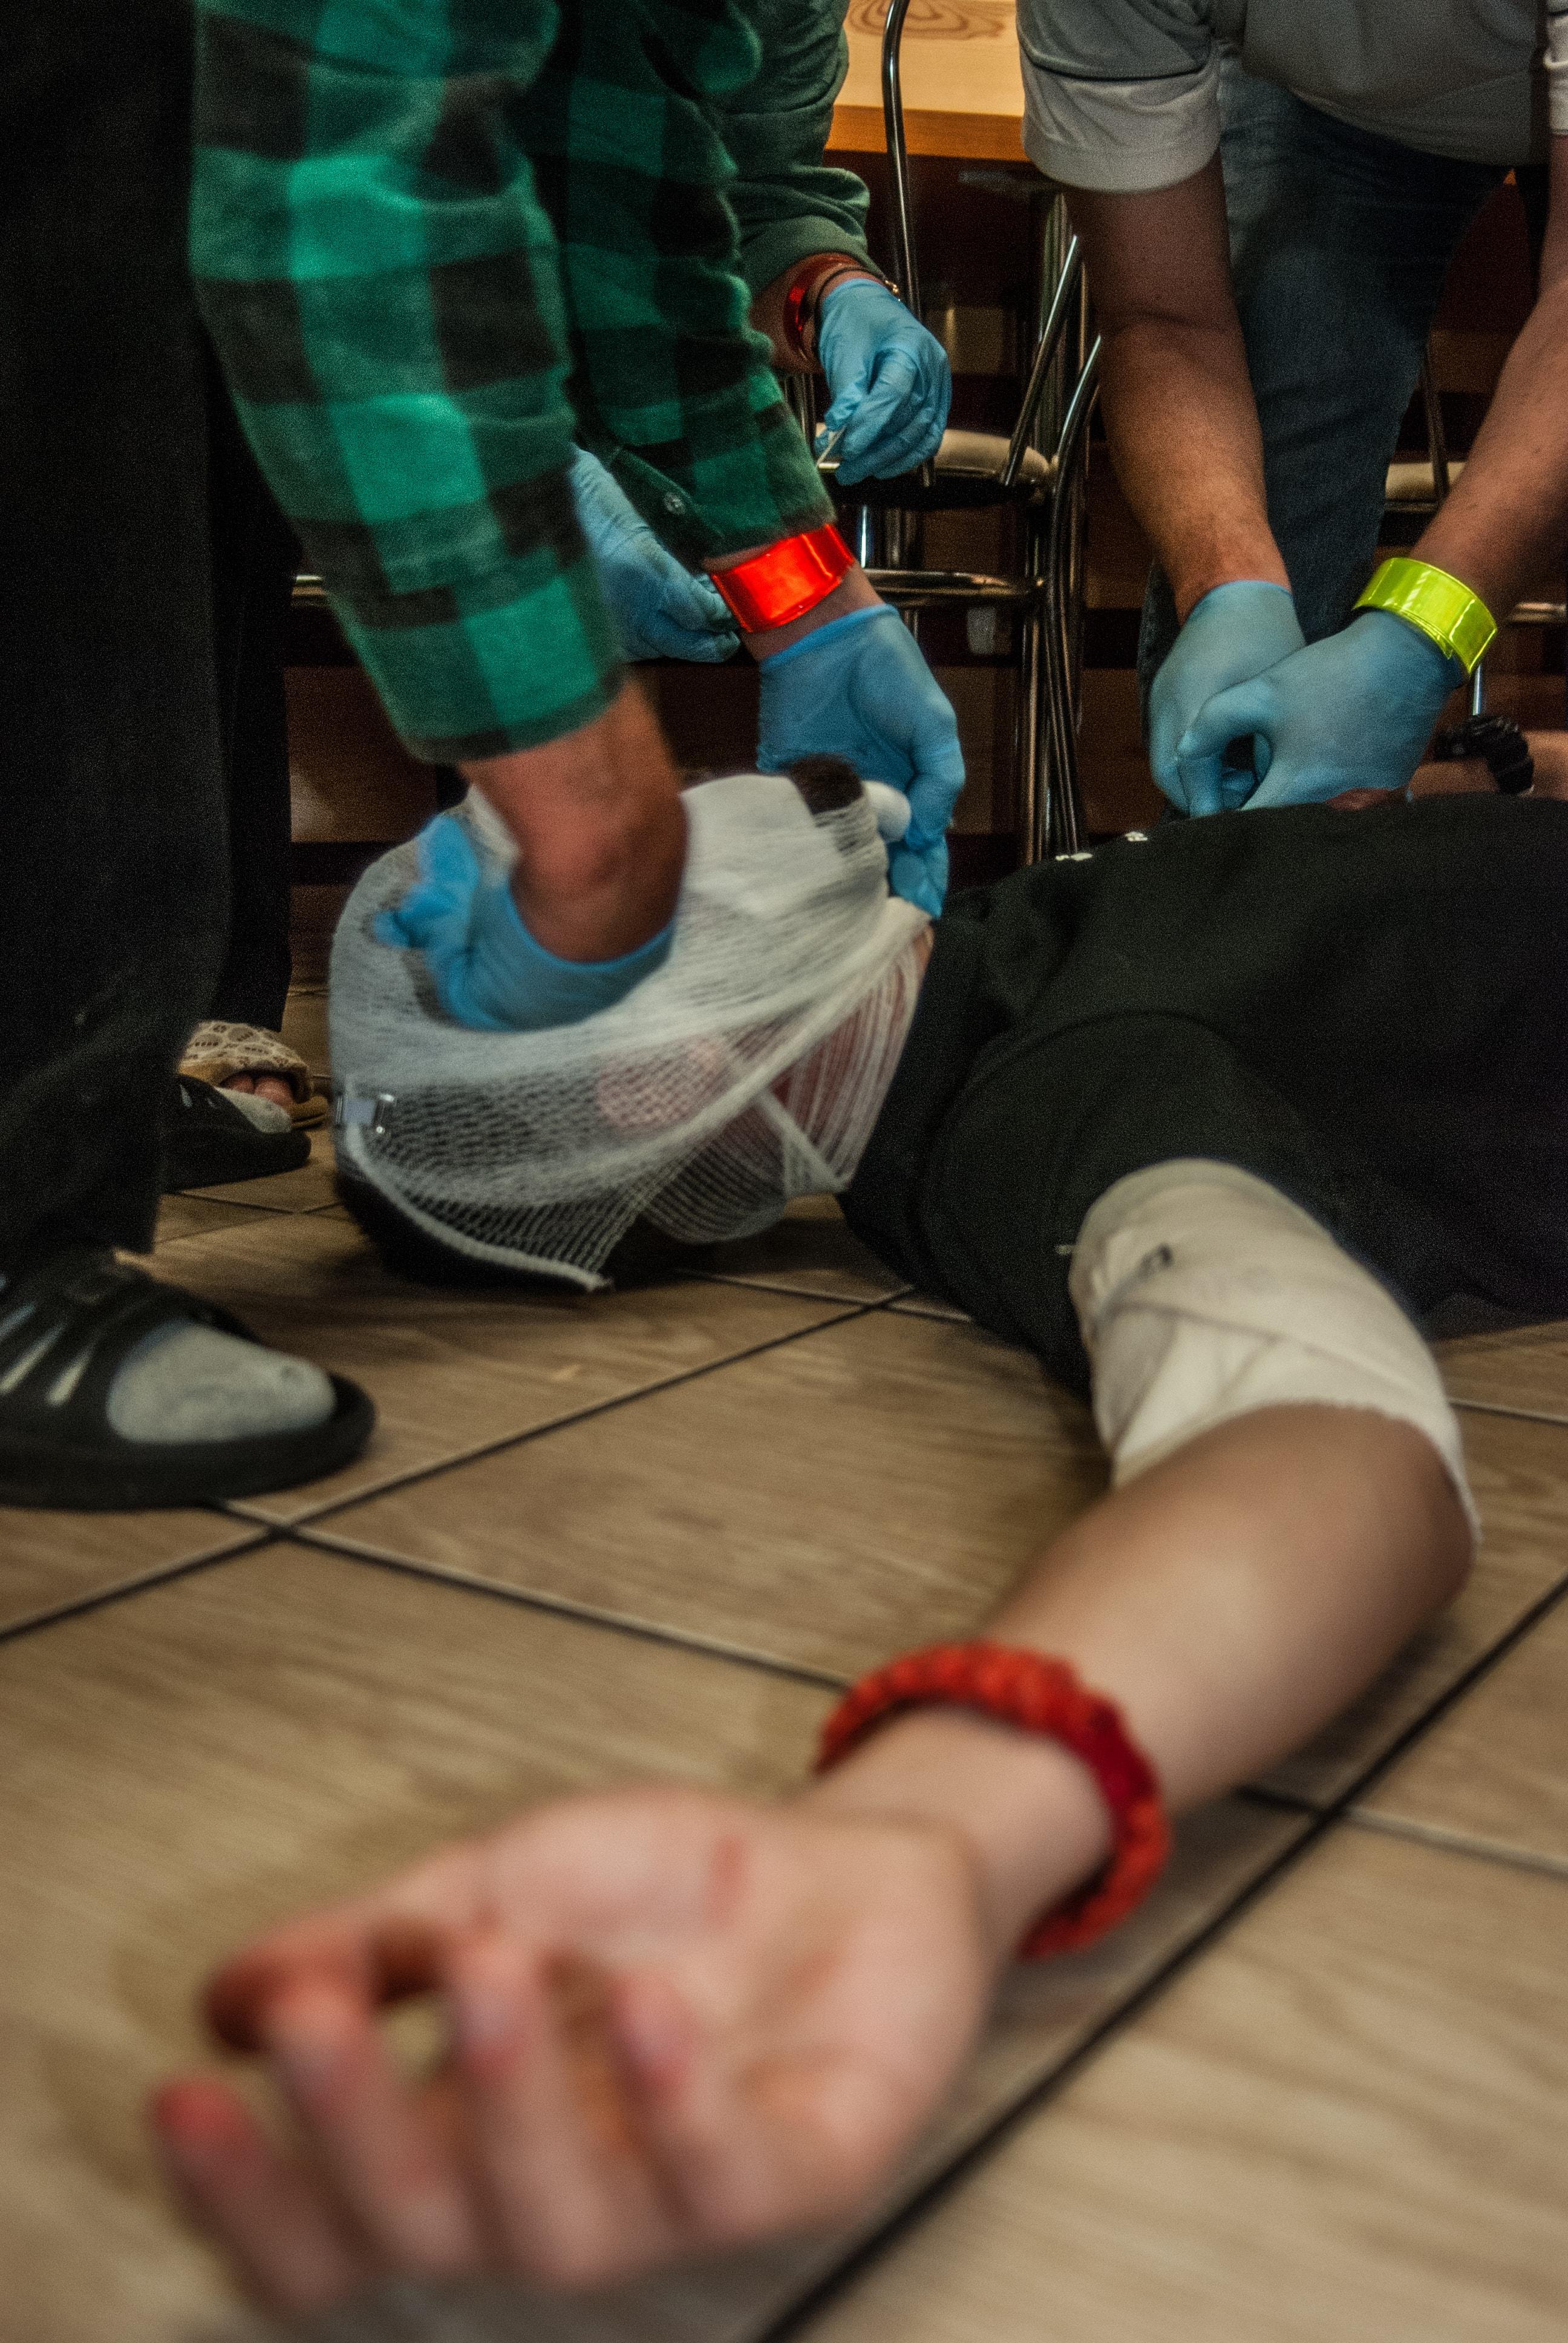 pierwsza pomoc rana twarzy, opatrywanie ran, otarcie, rana otwarta, rescue class=